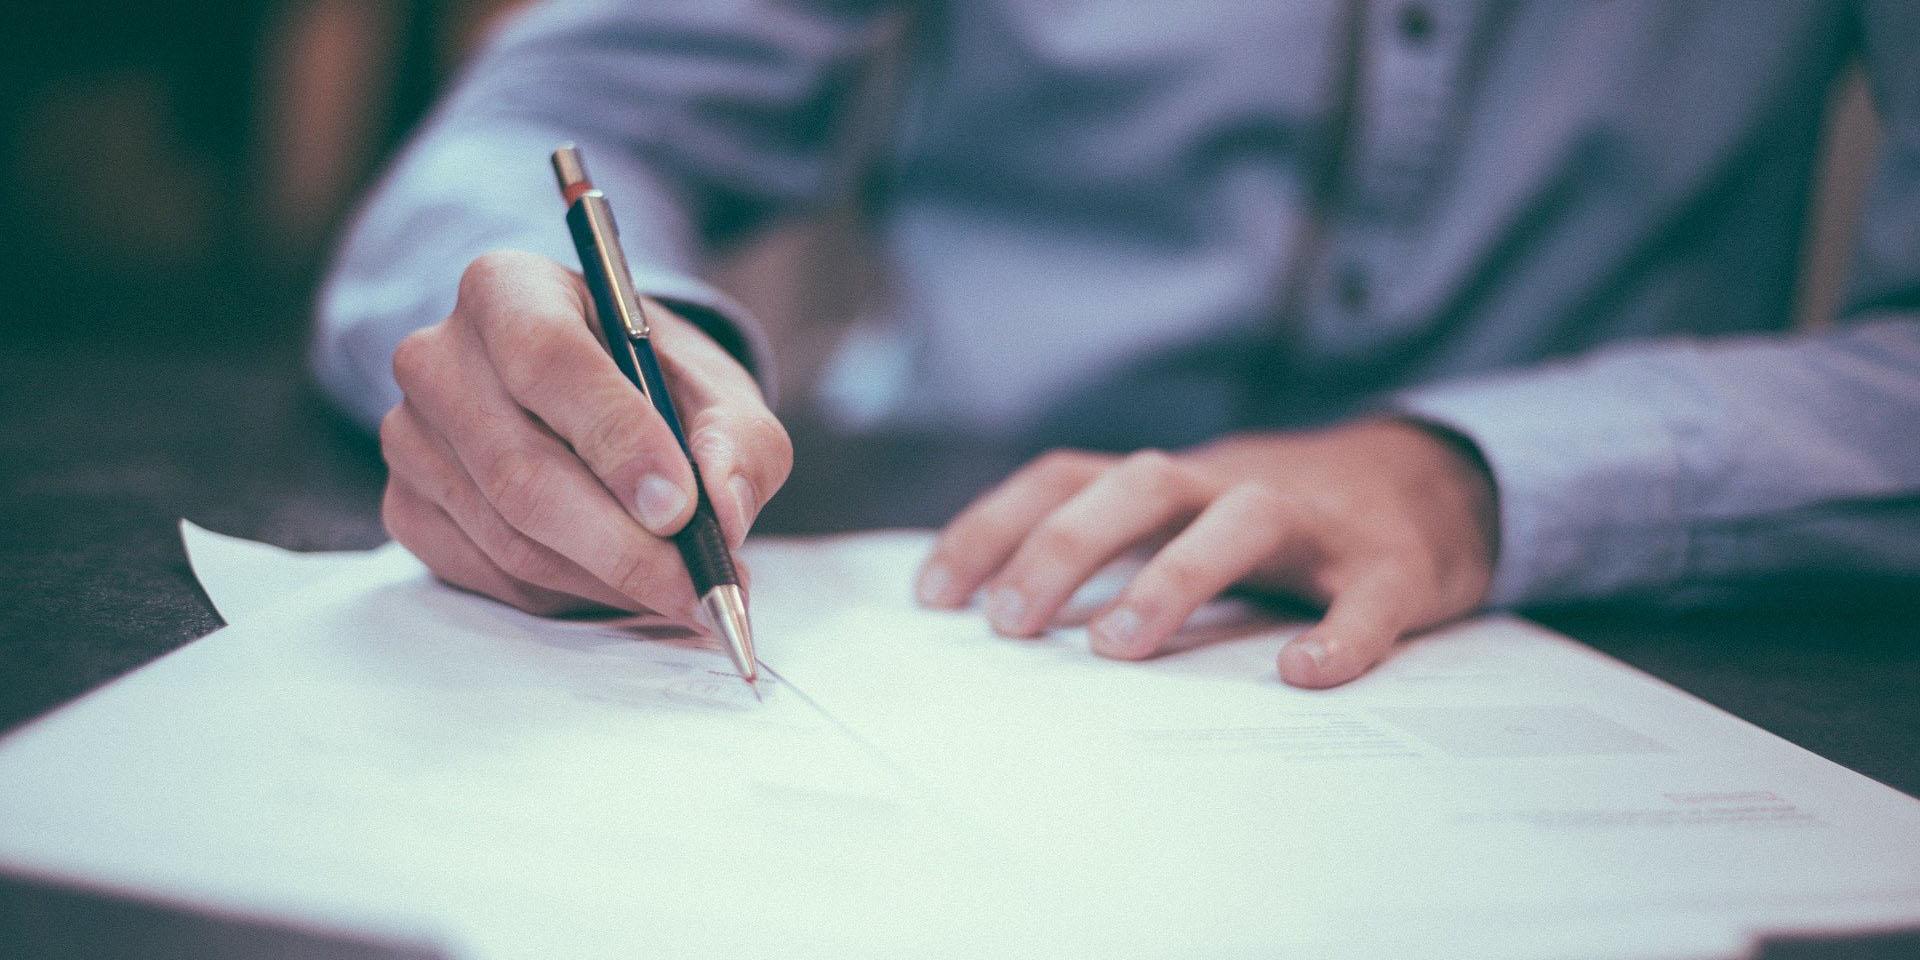 Mann schreibt auf einem Blatt Papier, Bild: © Free-Photos / pixabay